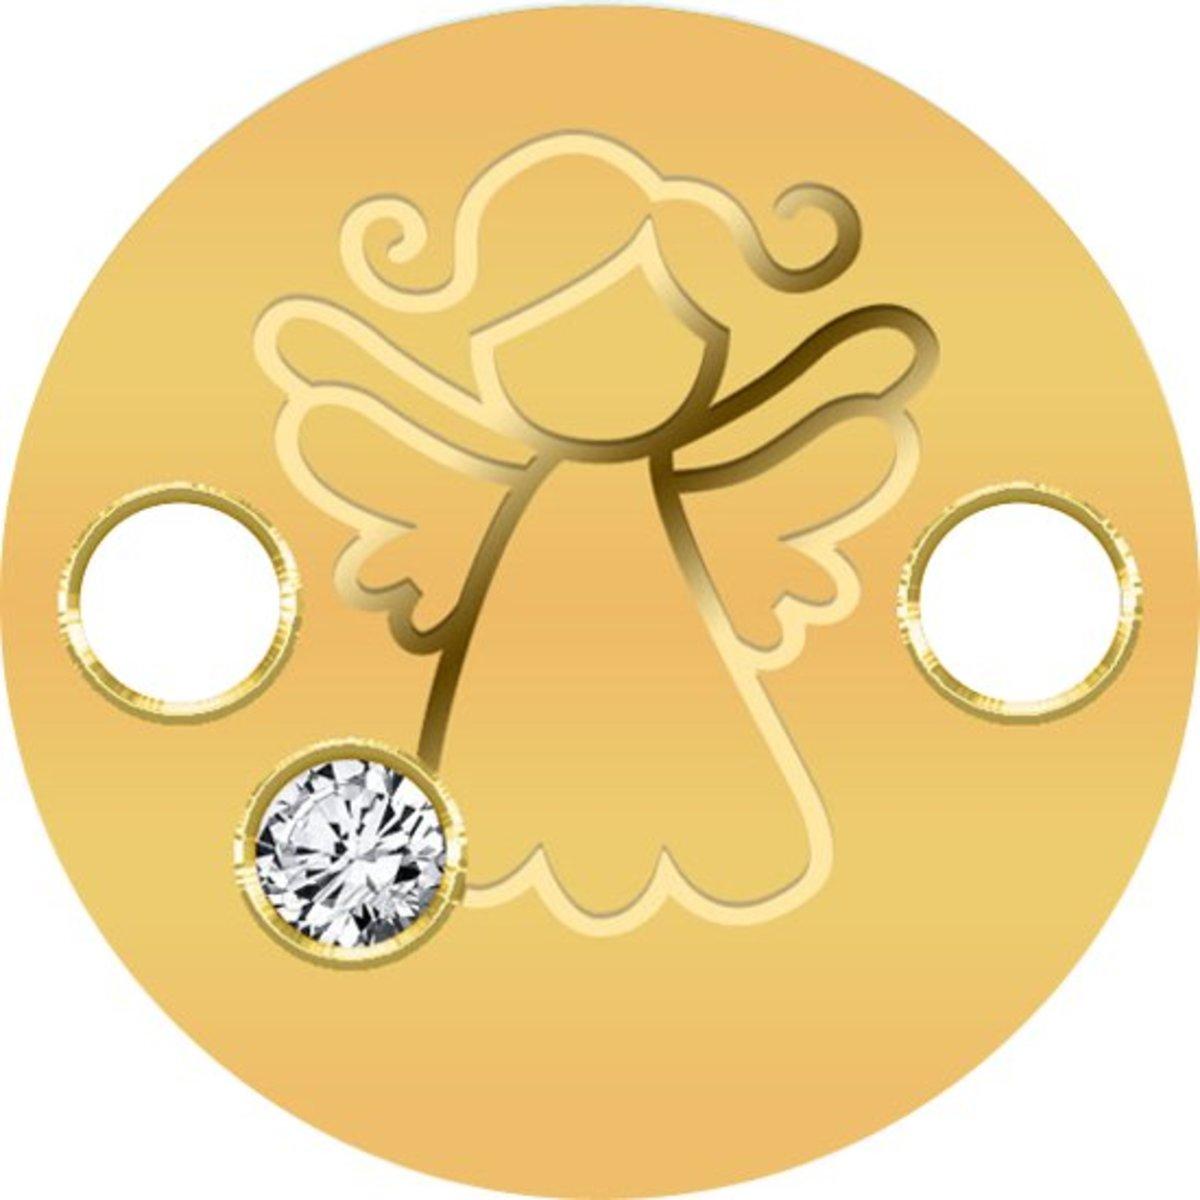 紐埃 2018 小天使 90.0% 金幣連手繩(含Swarovski水晶) 1克